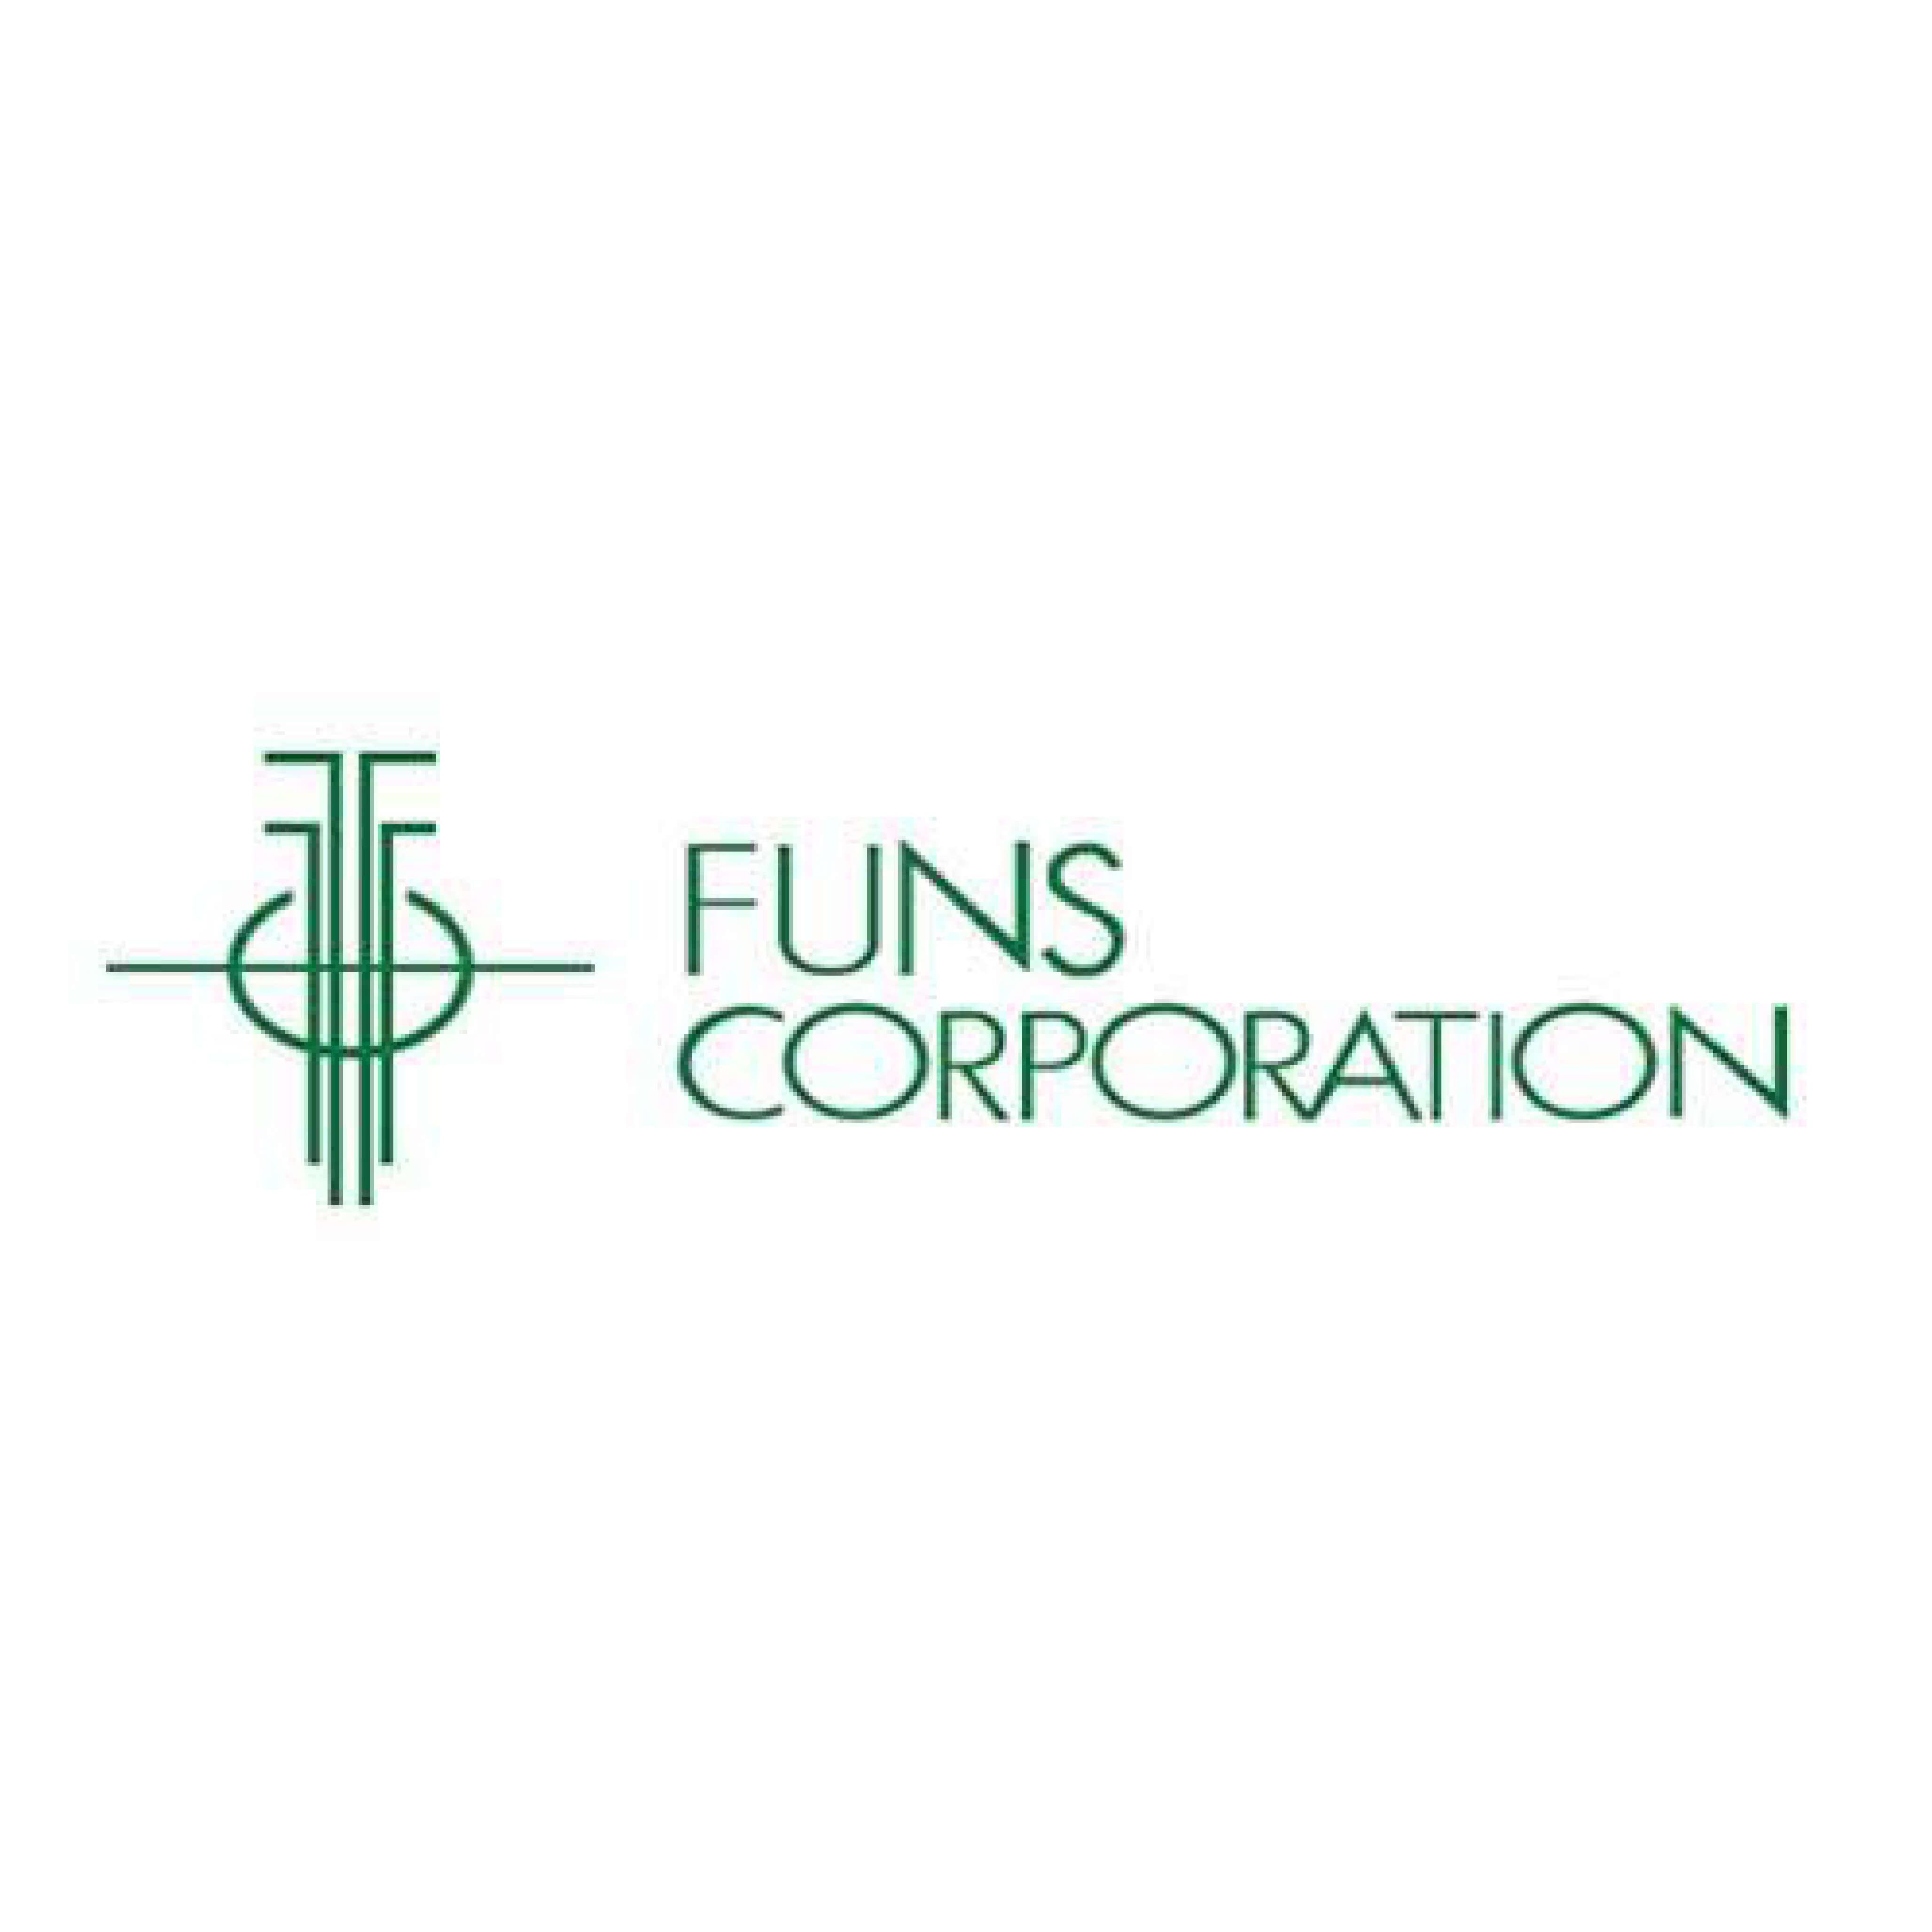 株式会社ファンスのロゴ写真